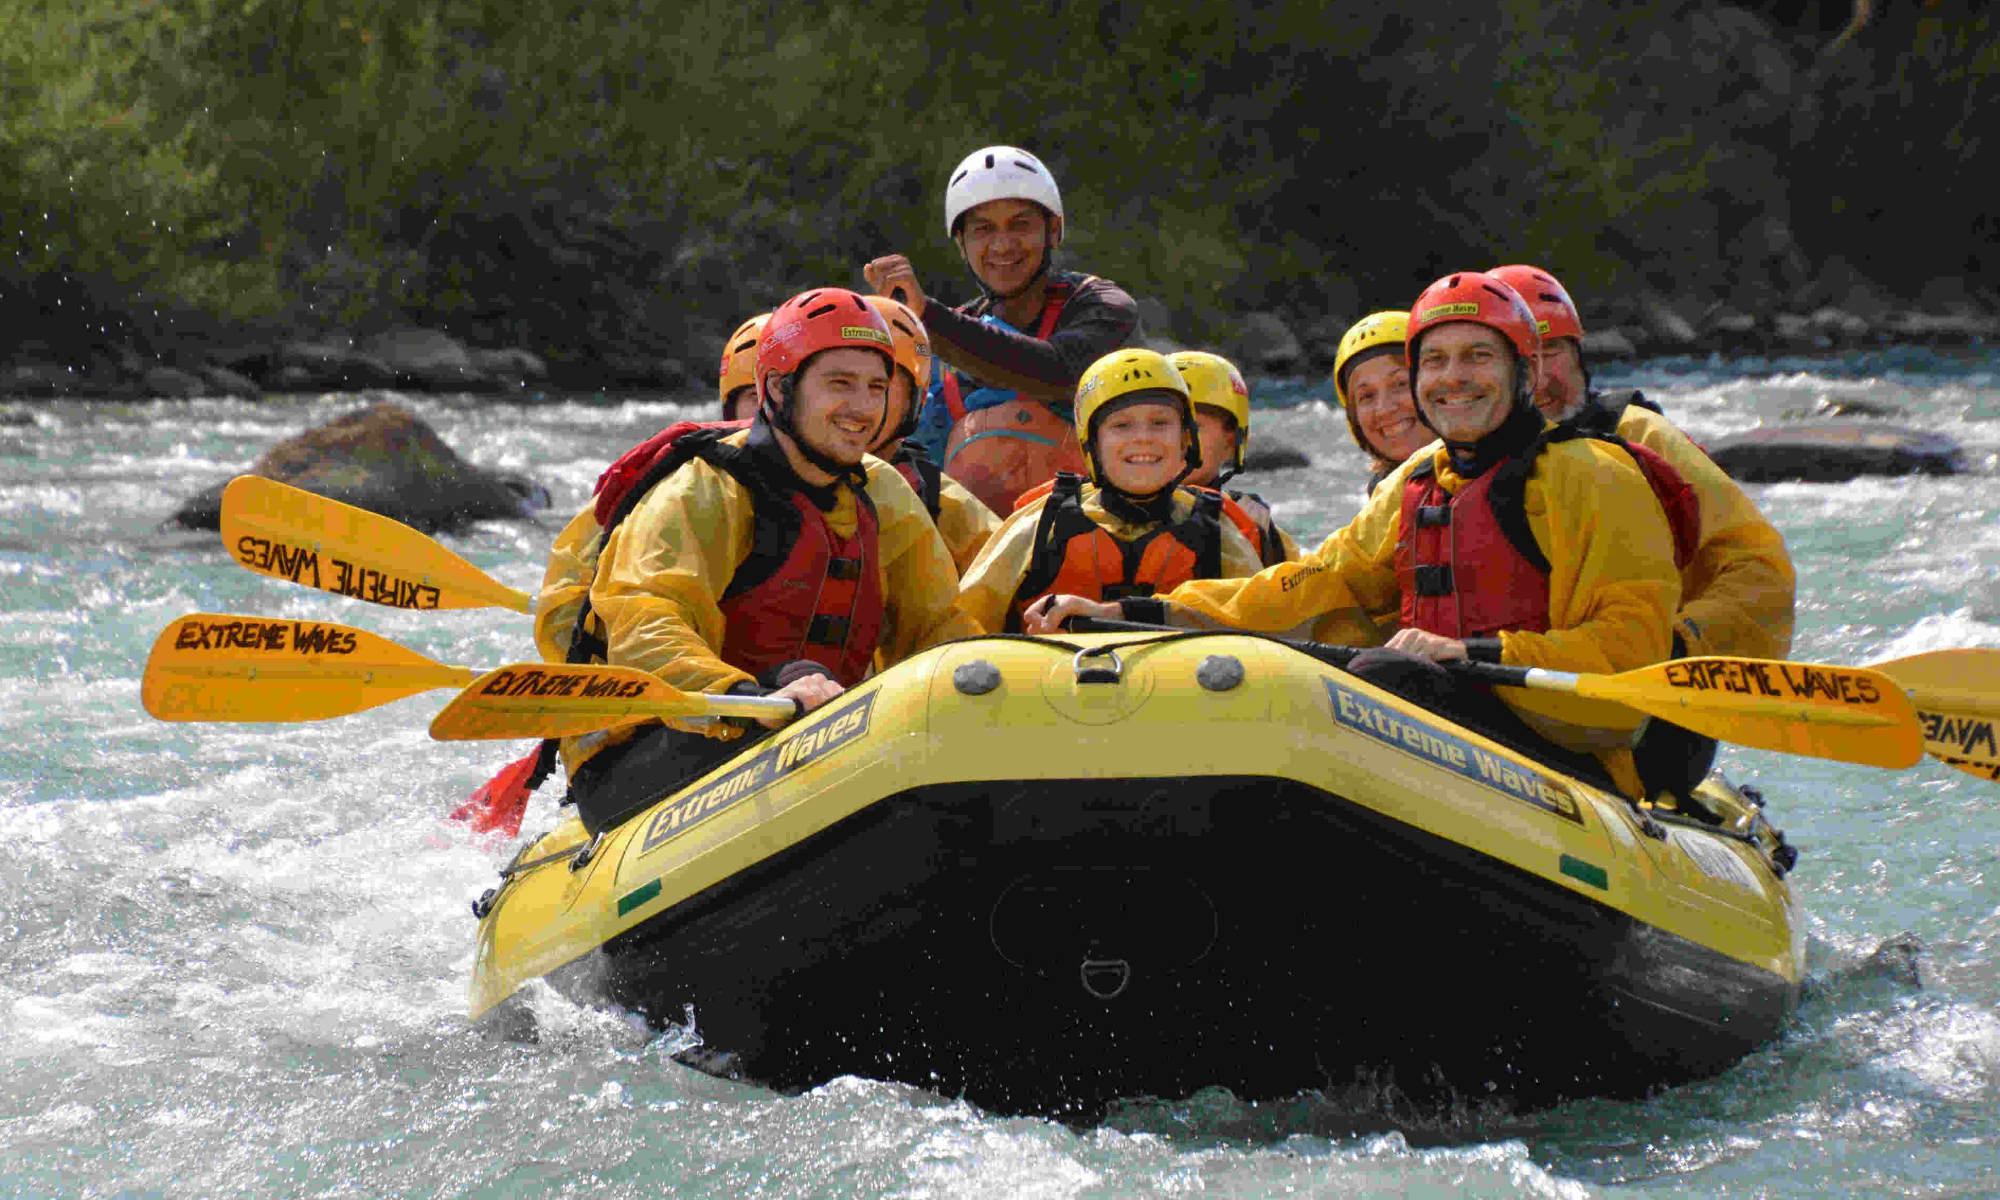 Un gruppo sorridente di persone, tra cui compaiono anche dei bambini, fa rafting sul fiume Noce in Val di Sole.